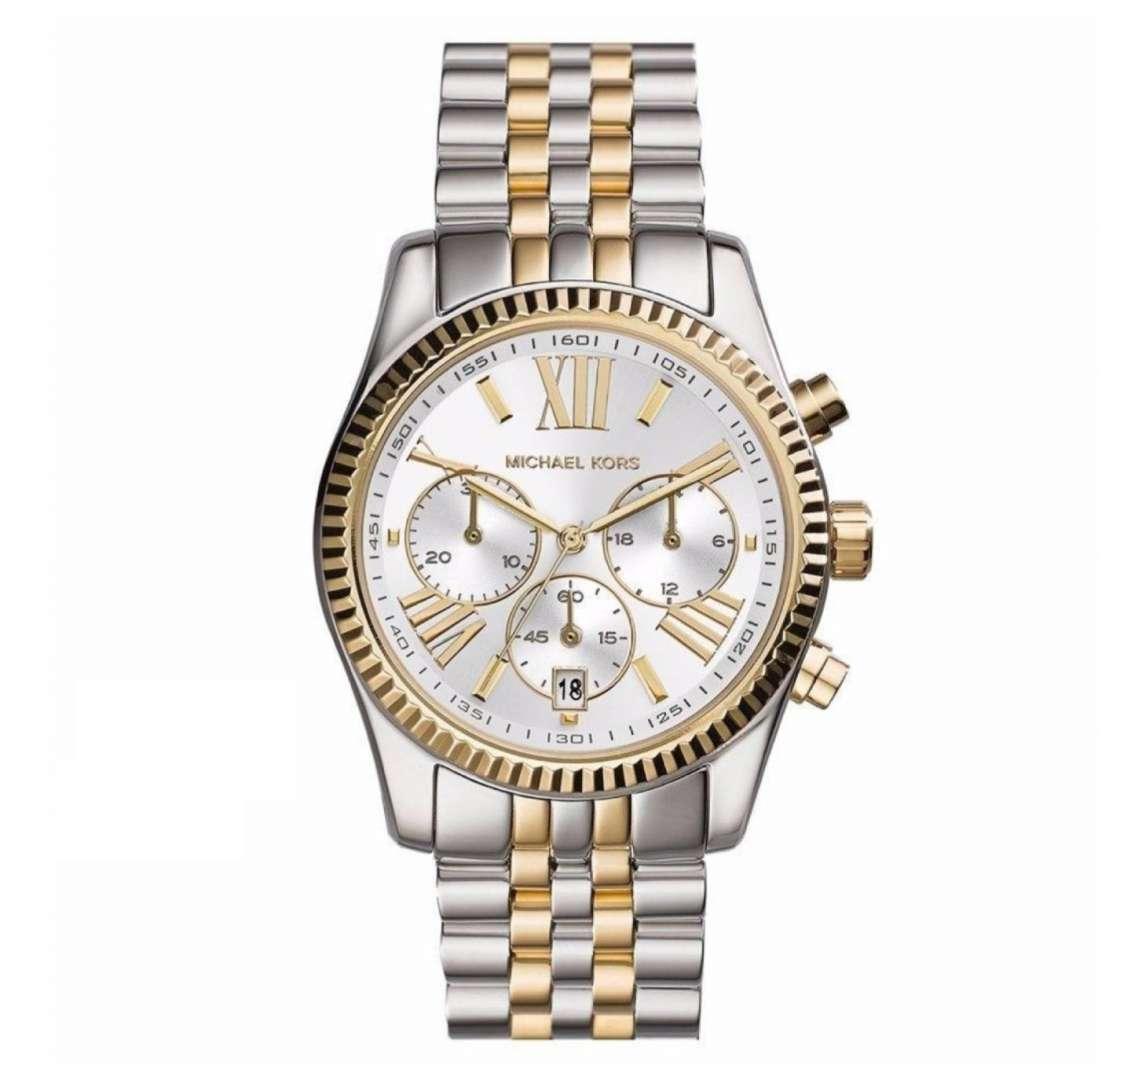 שעון יד אנלוגי לאישה michael kors mk5955 מייקל קורס